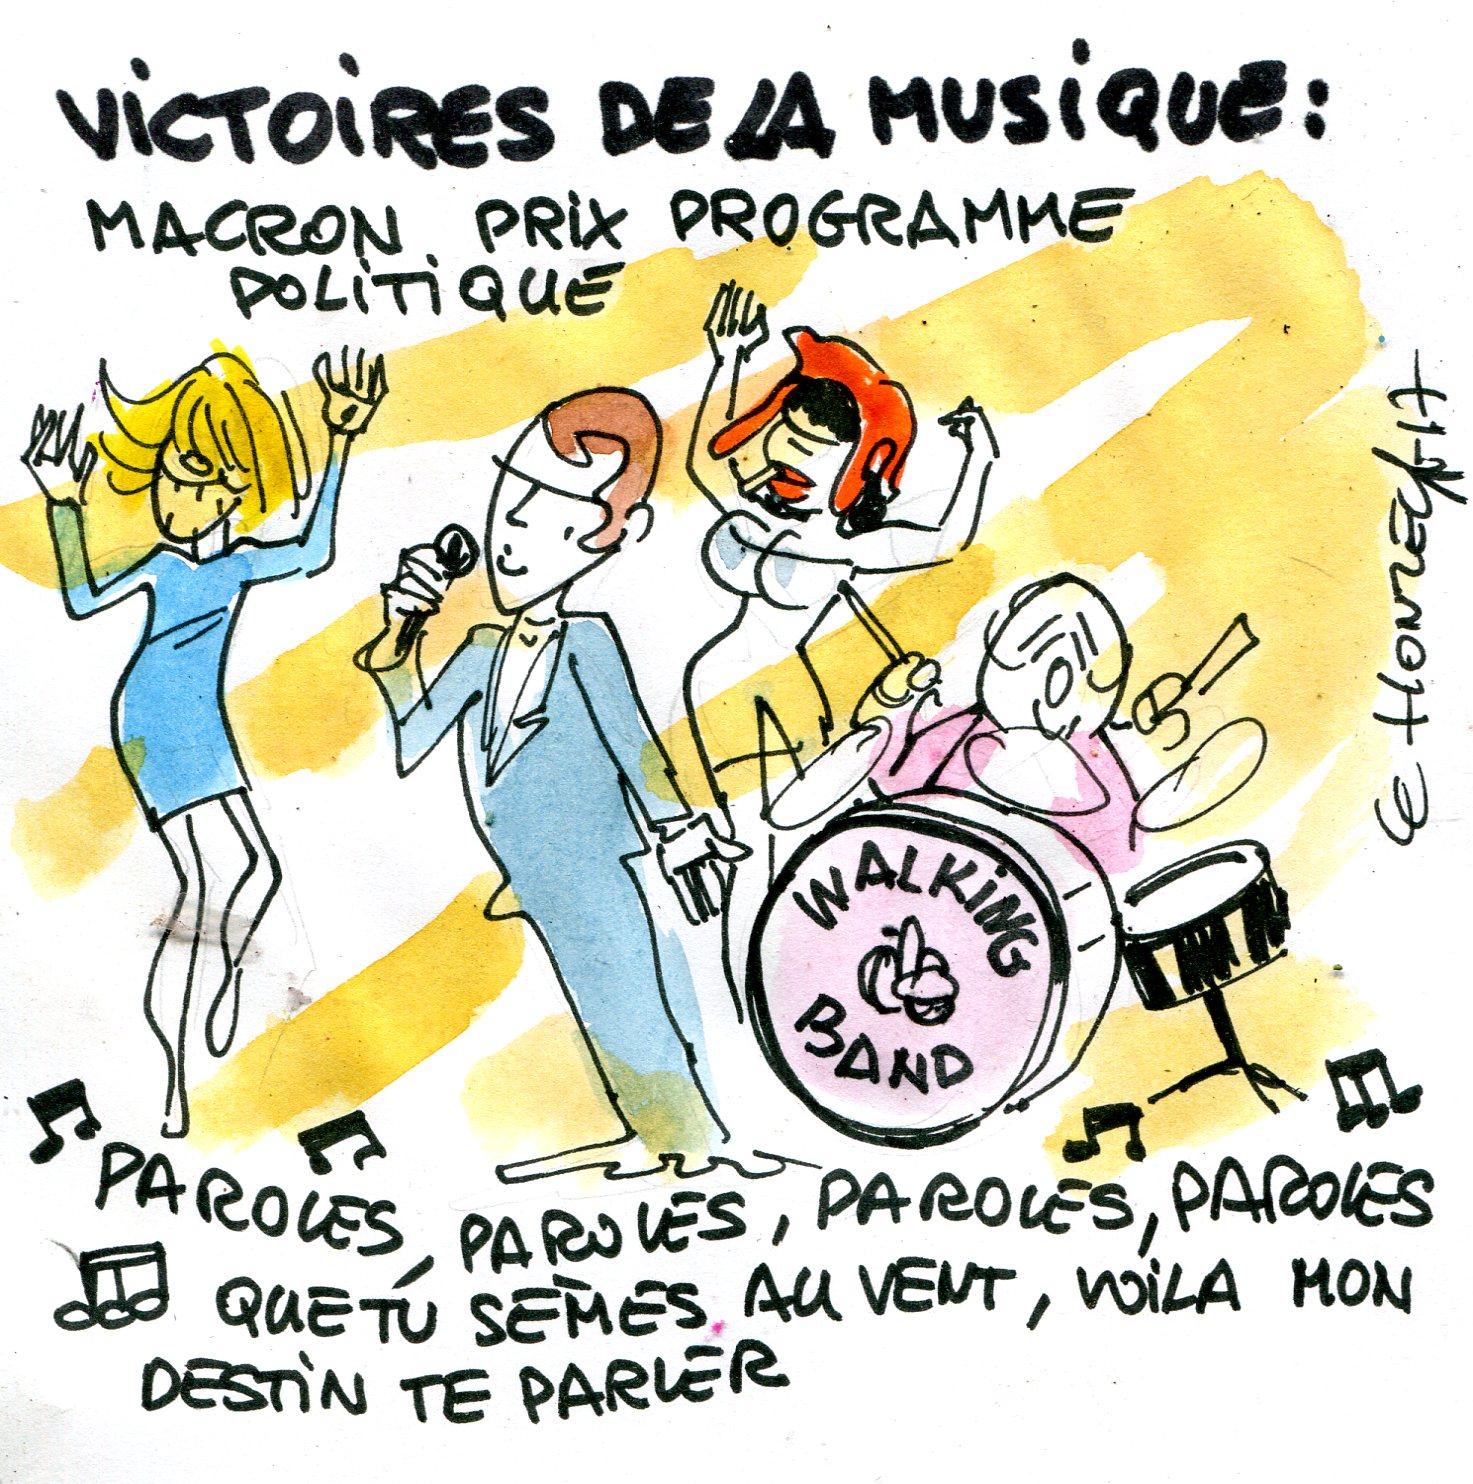 Programme d'Emmanuel Macron : paroles, paroles, paroles ? (Crédits : René Le Honzec/Contrepoints.org, CC-BY 2.0)